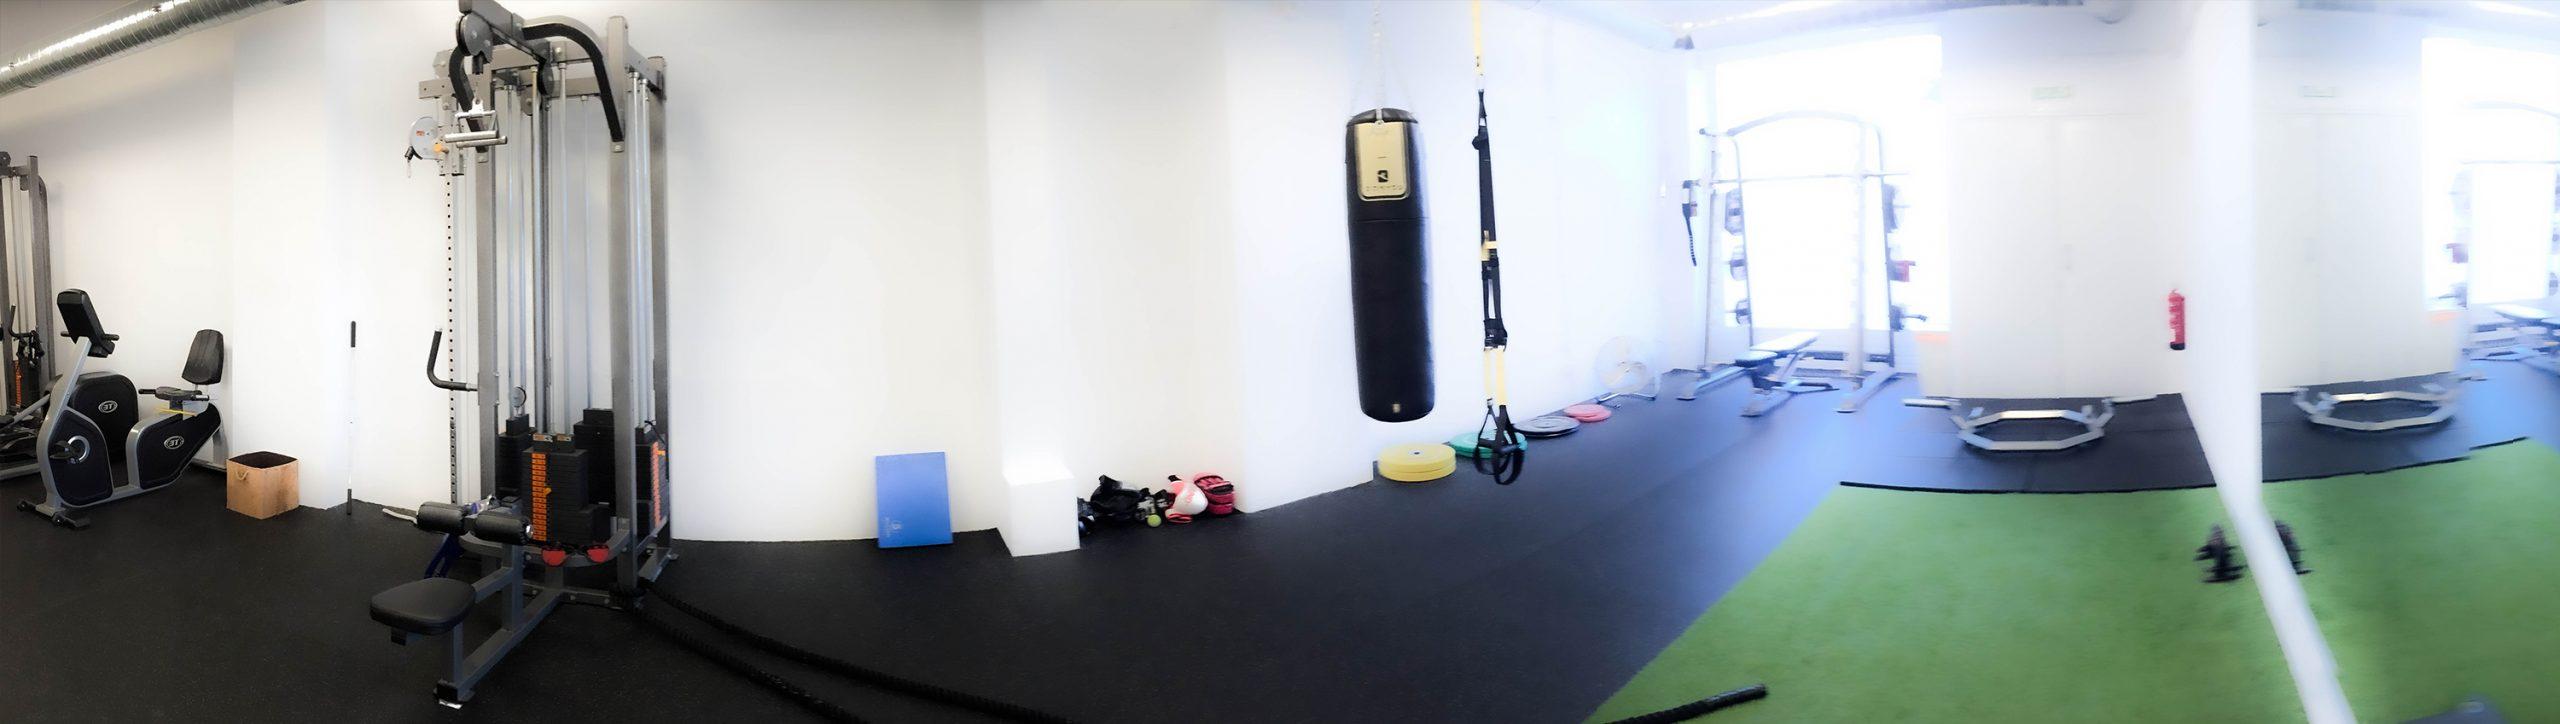 portada ruben-rrsalud centro entrenamiento personal a coruña 5